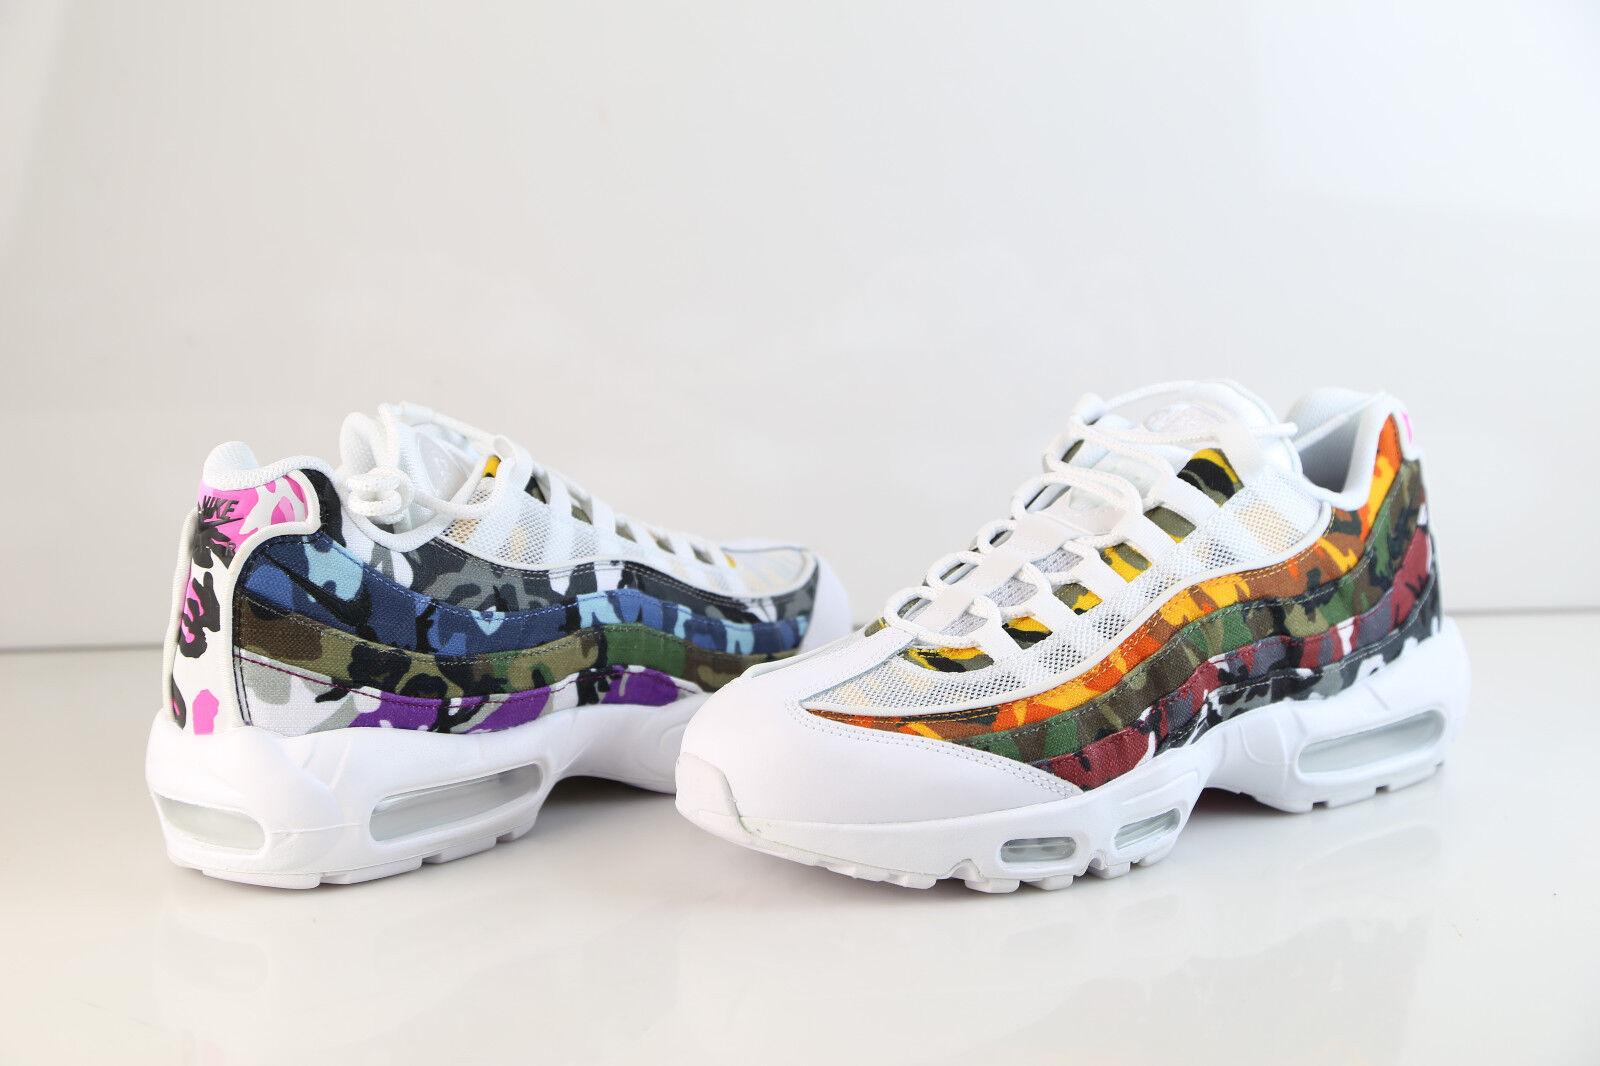 Nike Air Max 95 ERDL Party blanc Multicolor Camo AR4473-100 1 8-13 qs nsw lab 1 AR4473-100 2f104b